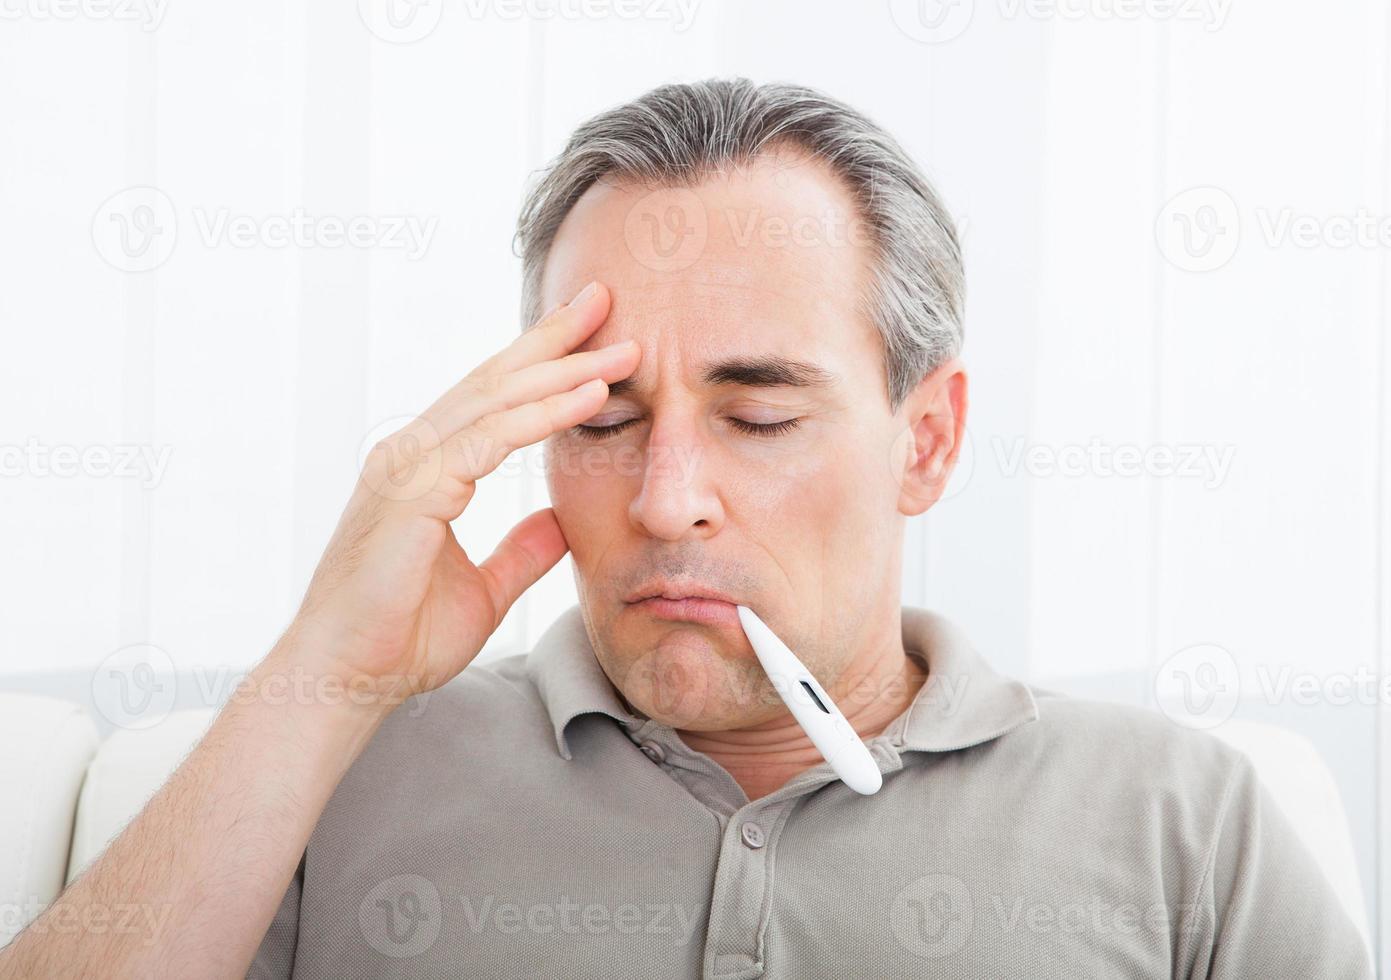 volwassen zieke man met een thermometer in zijn mond foto